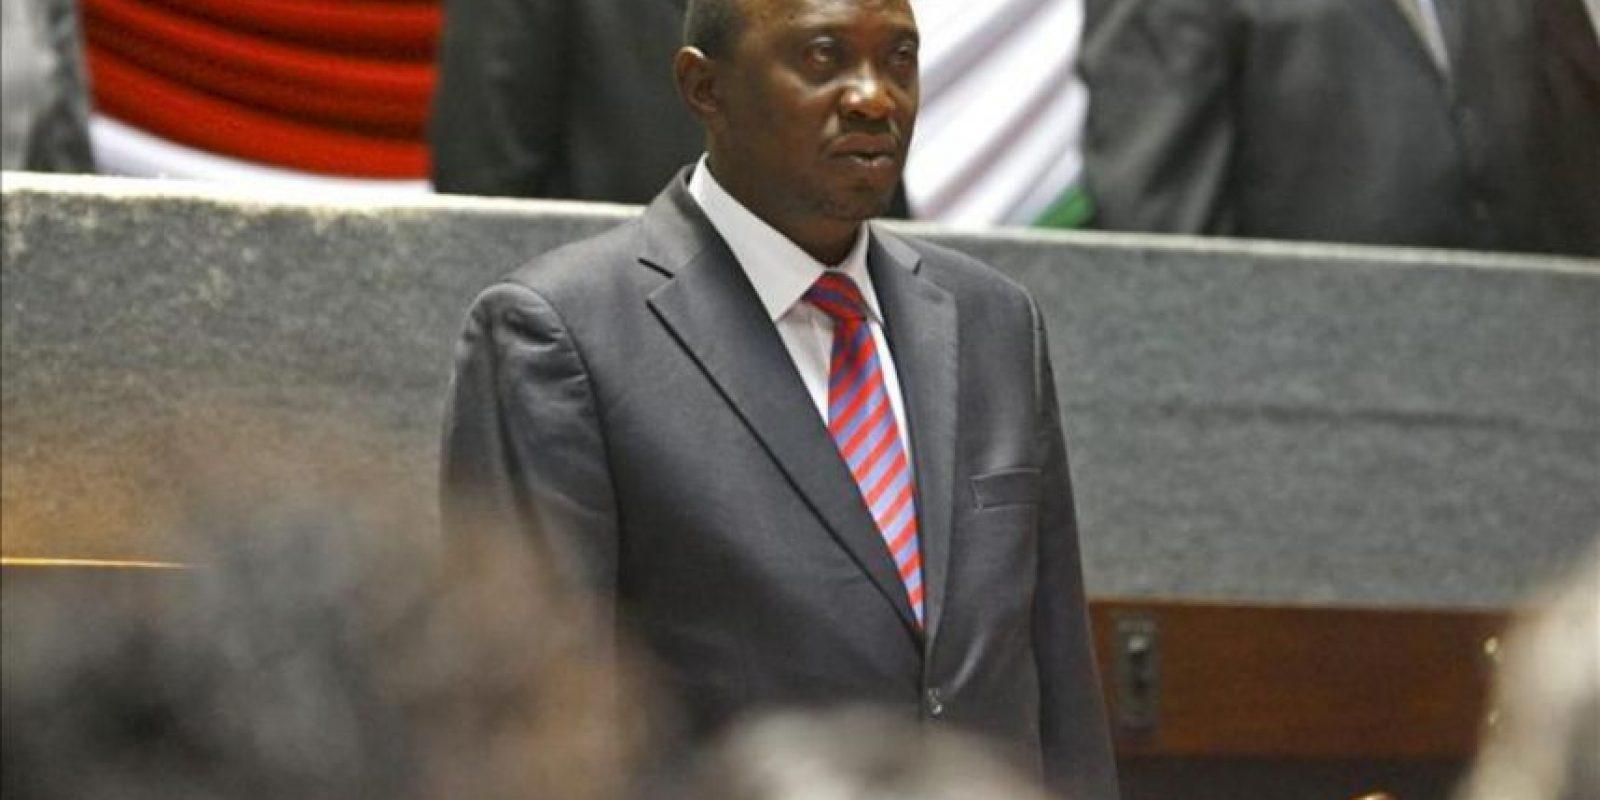 El Tribunal Supremo de Kenia confirmó hoy el triunfo de Uhuru Kenyatta, en la foto, en las elecciones presidenciales del pasado 4 de marzo. EFE/Archivo